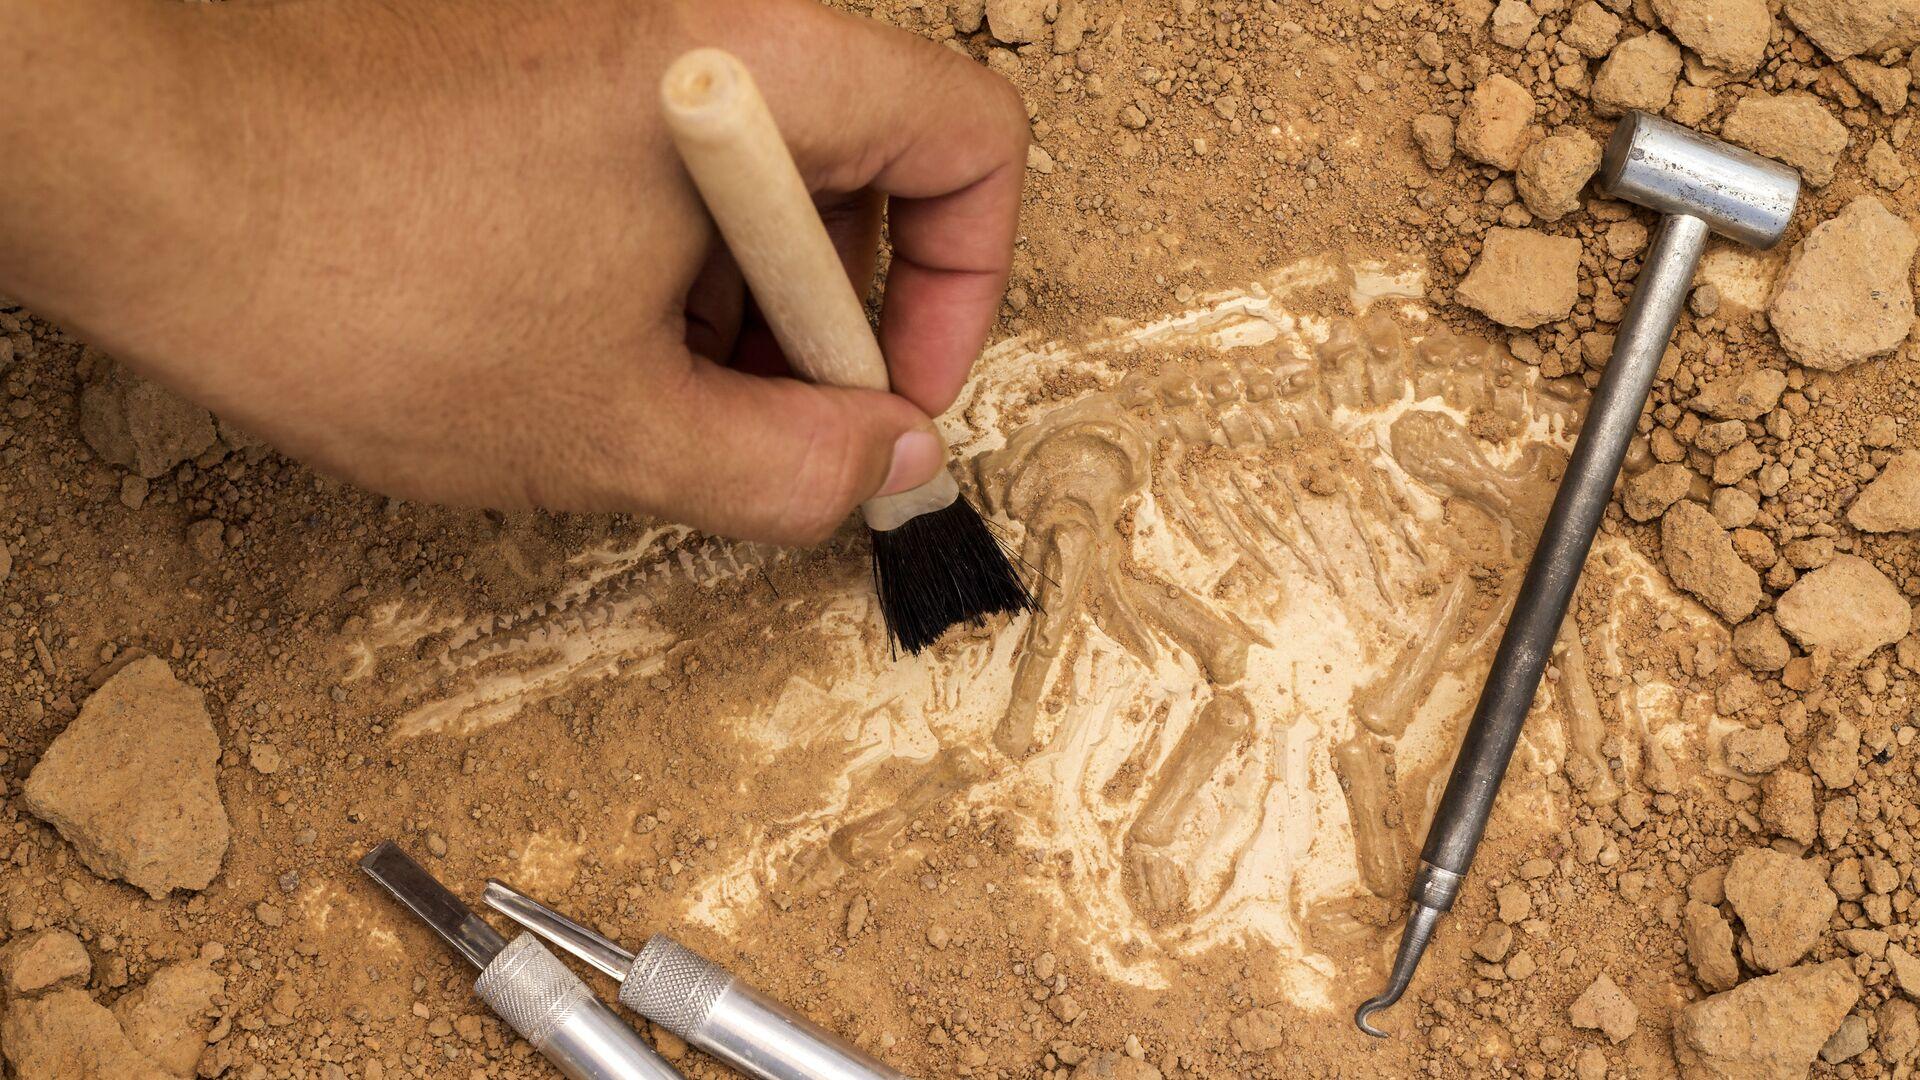 トゲを持つ恐竜の化石 モロッコで発見 - Sputnik 日本, 1920, 24.09.2021